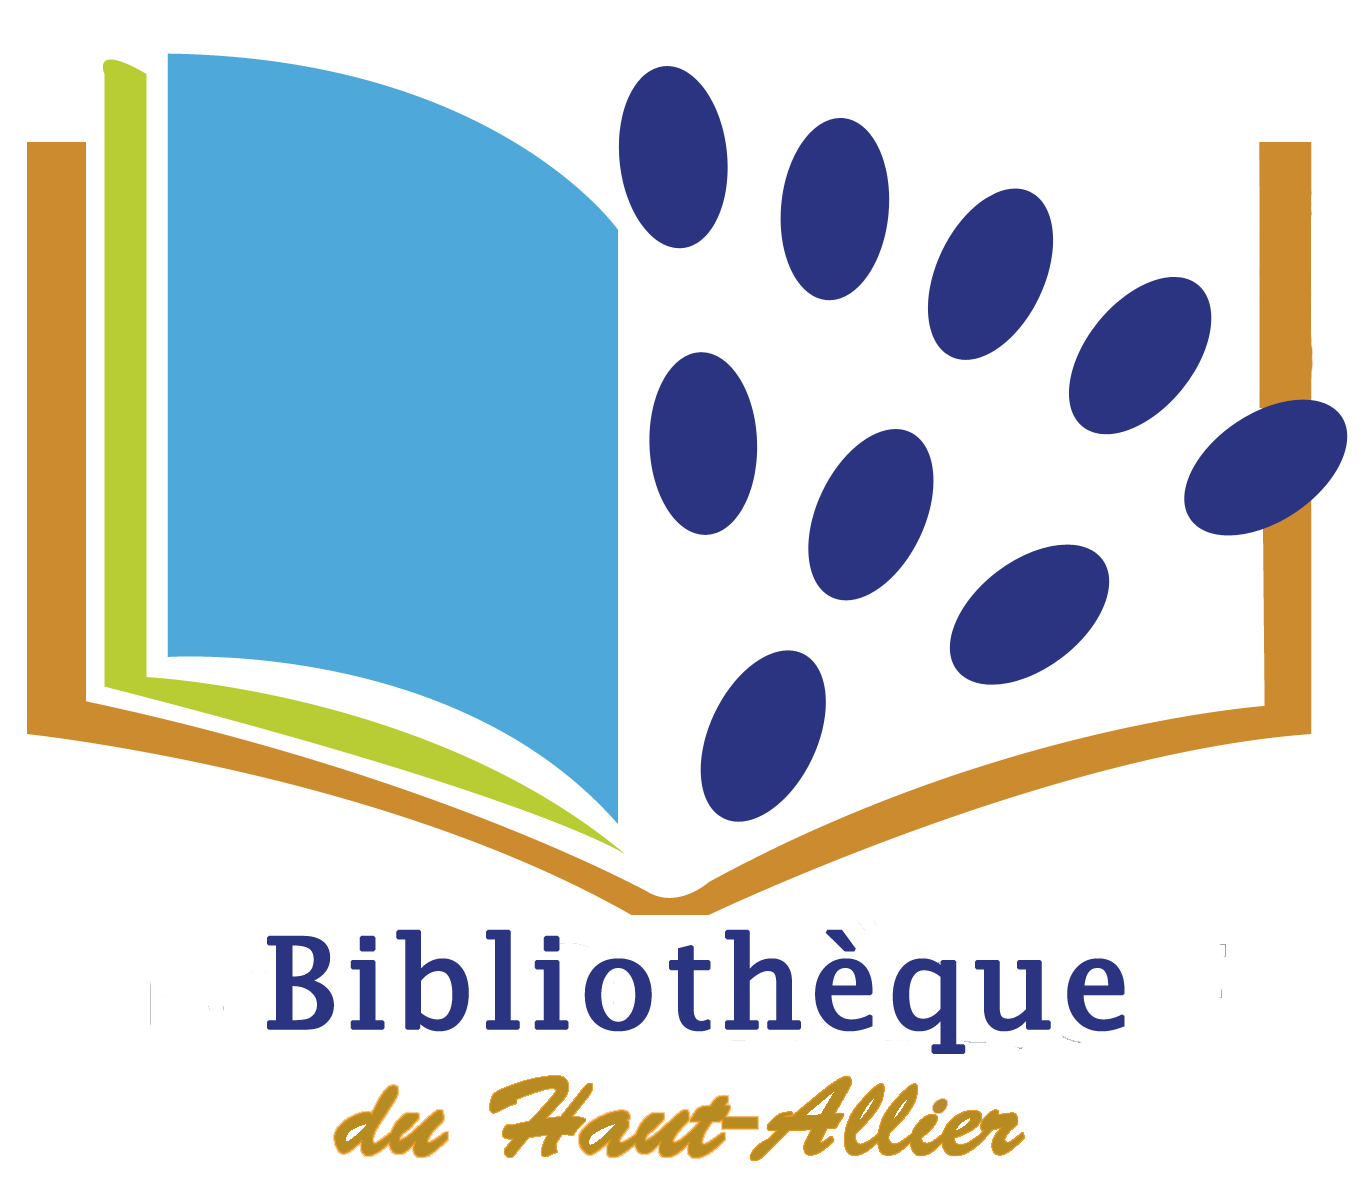 Bibliothèque du Haut-Allier